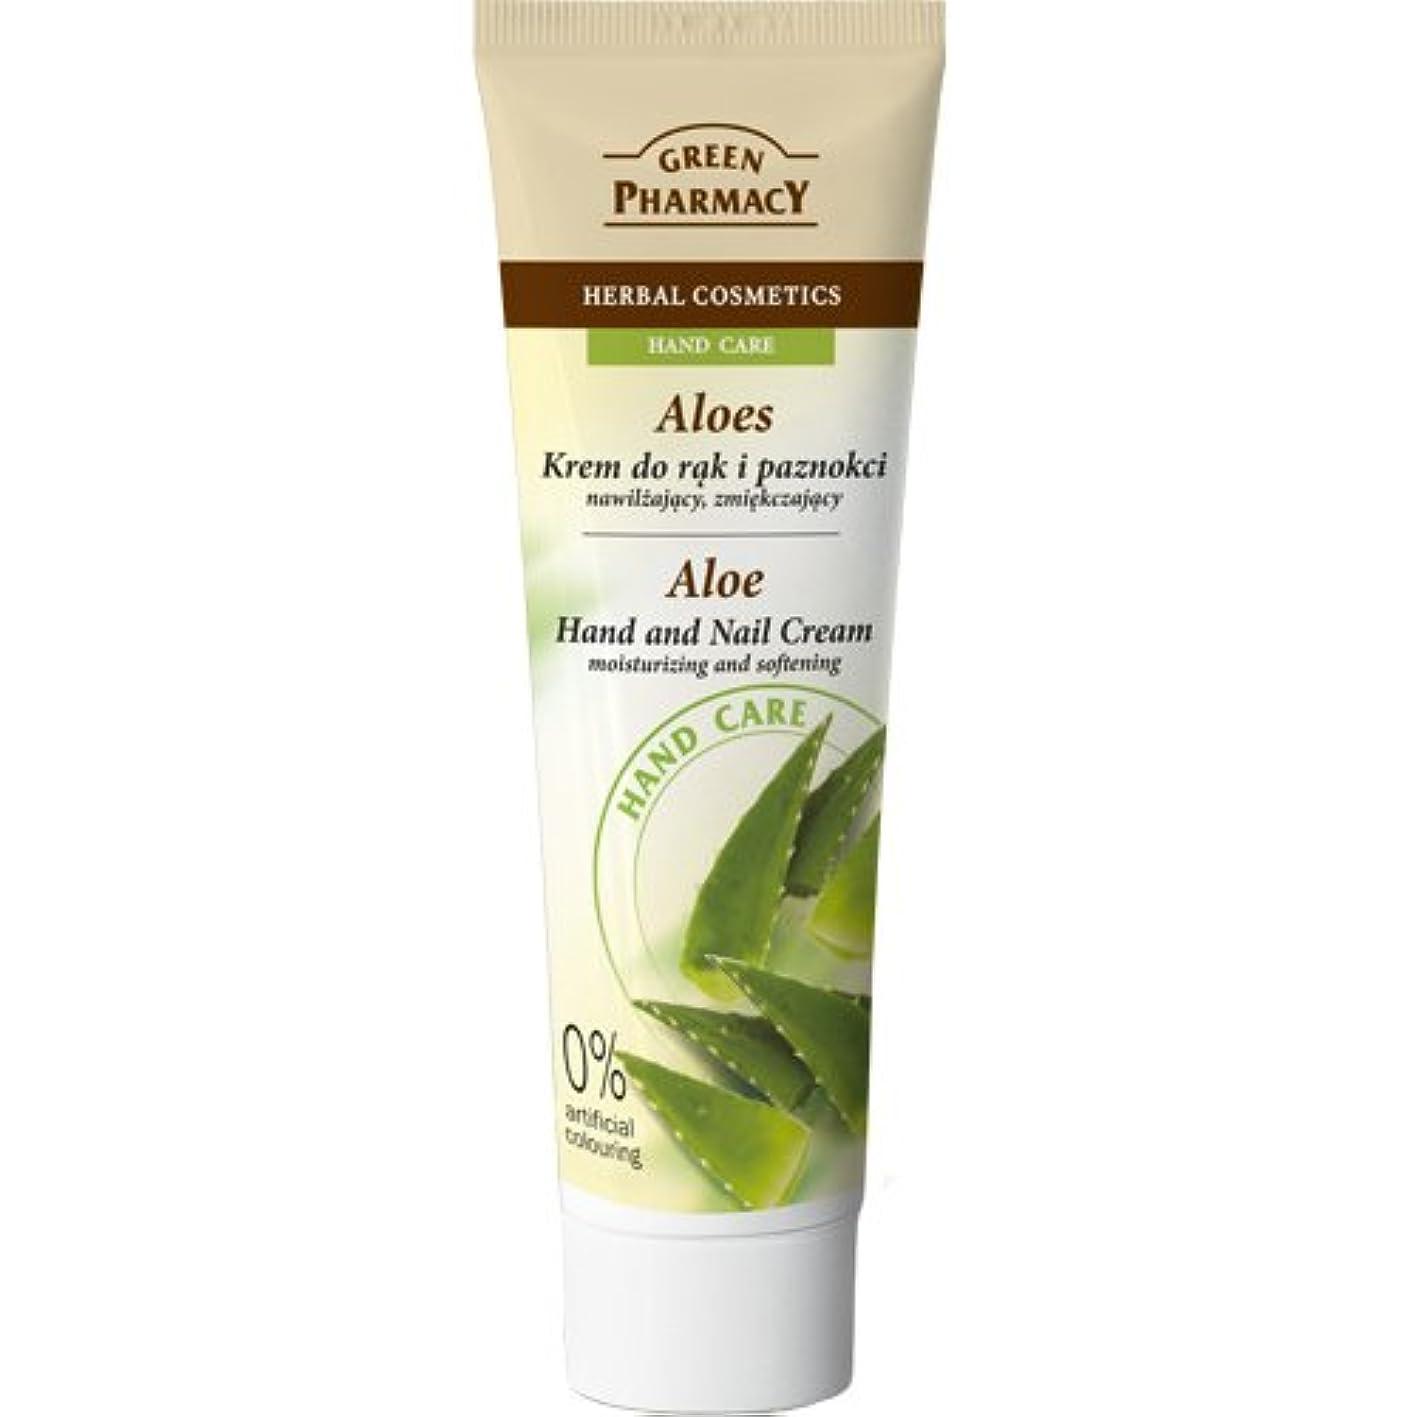 文字通りフォルダポークElfa Pharm Green Pharmacy グリーンファーマシー Hand&Nail Cream ハンド&ネイルクリーム Aloe アロエ